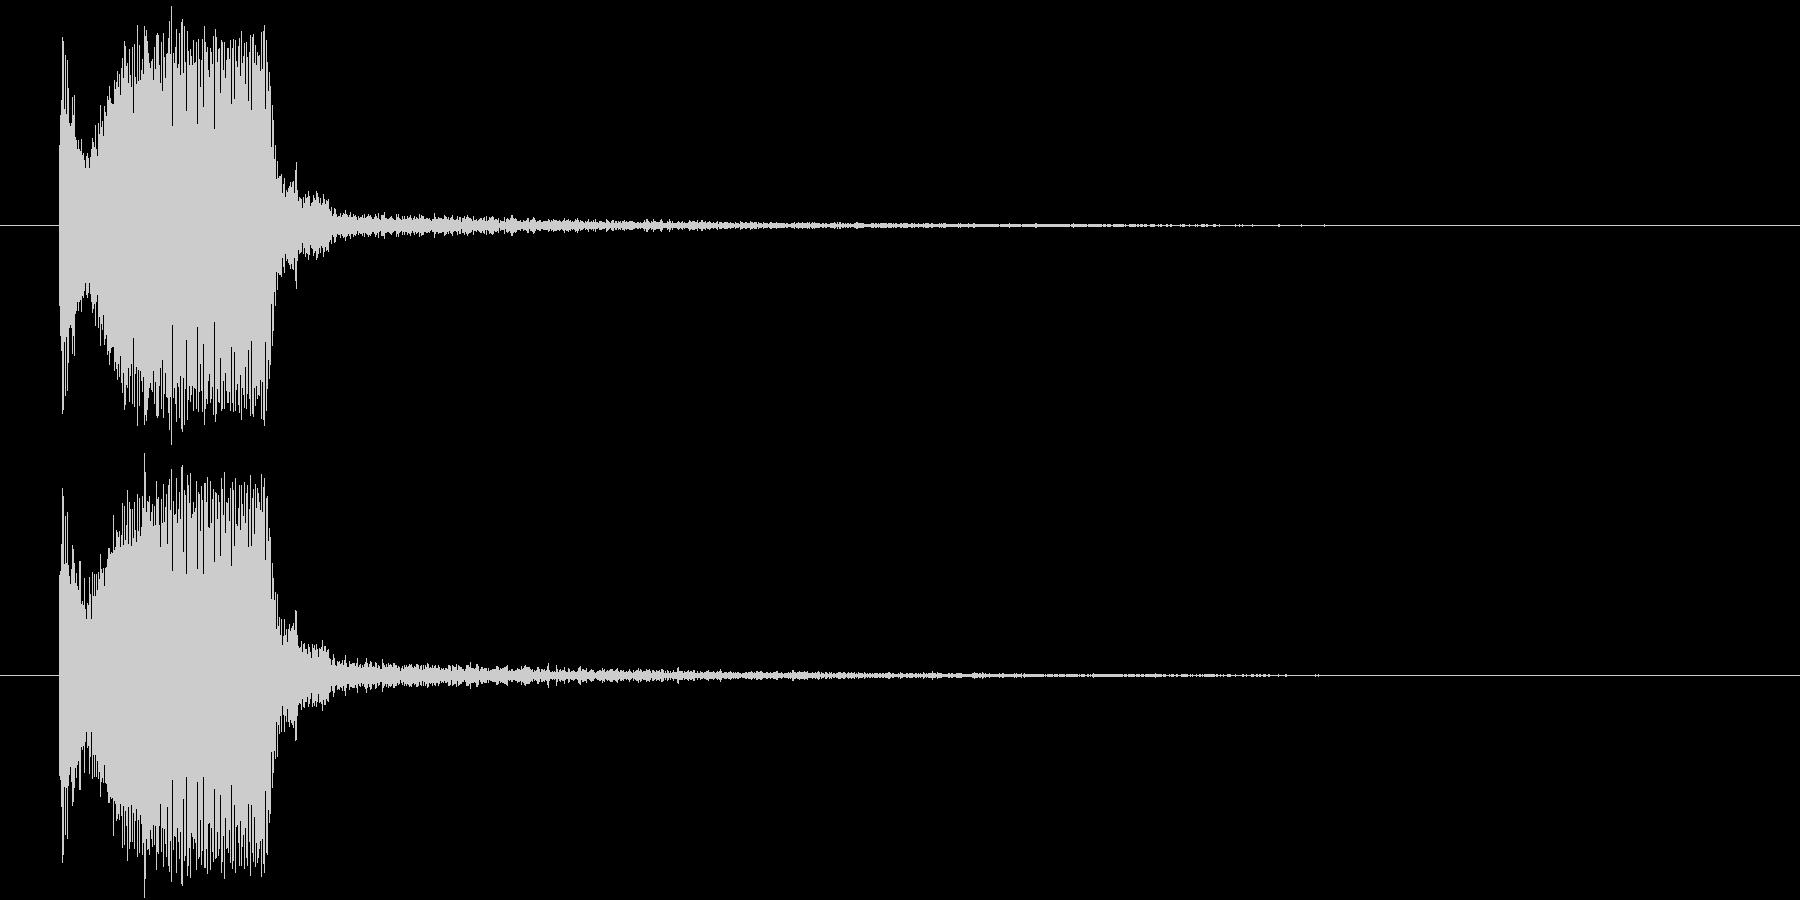 ソニックブーム・衝撃波 SF定番の未再生の波形